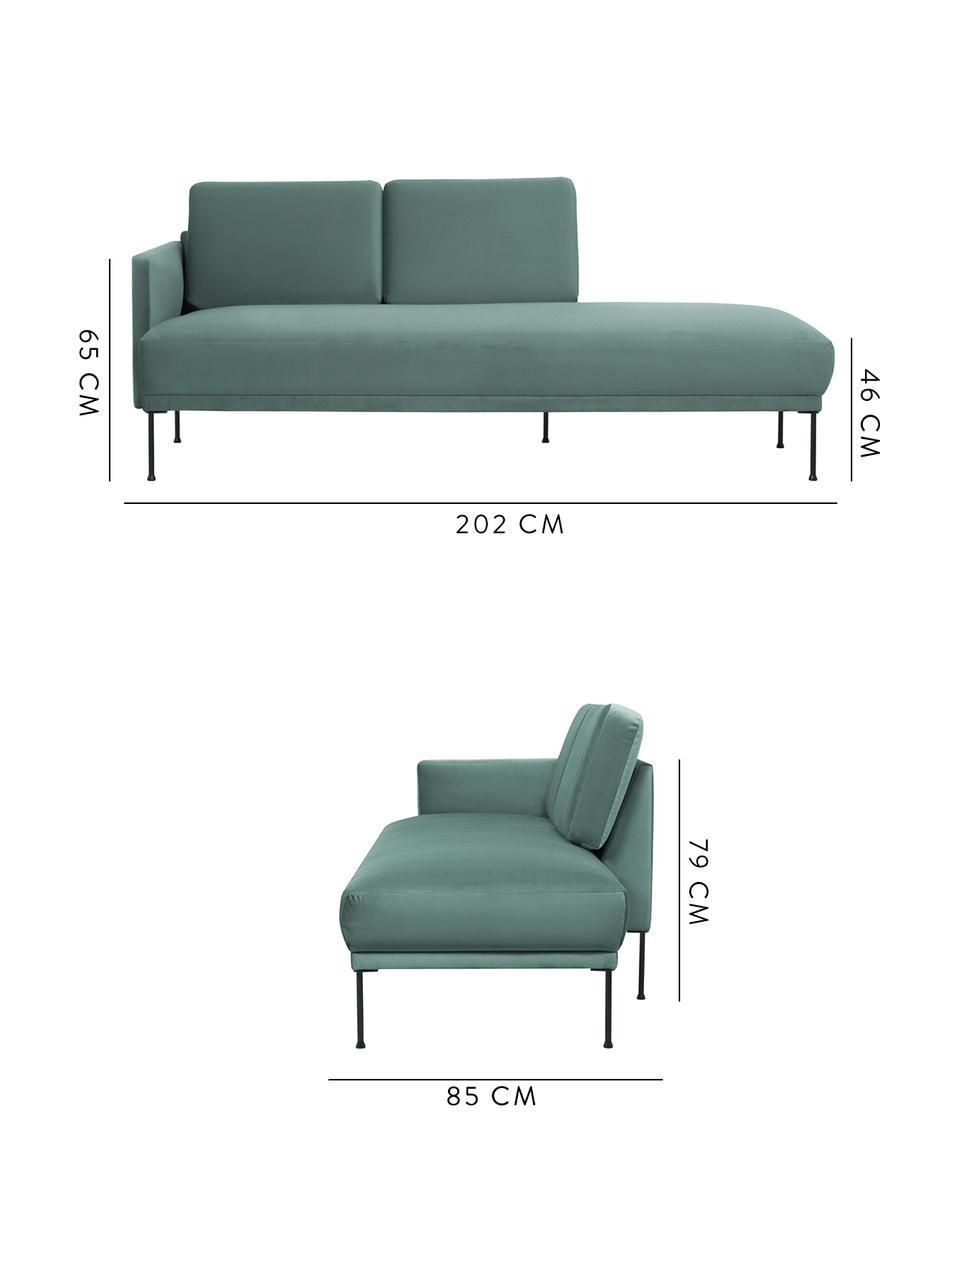 Fluwelen chaise longue Fluente in lichtgroen met metalen poten, Bekleding: fluweel (hoogwaardig poly, Frame: massief grenenhout, Poten: gepoedercoat metaal, Fluweel lichtgroen, B 202 x D 85 cm